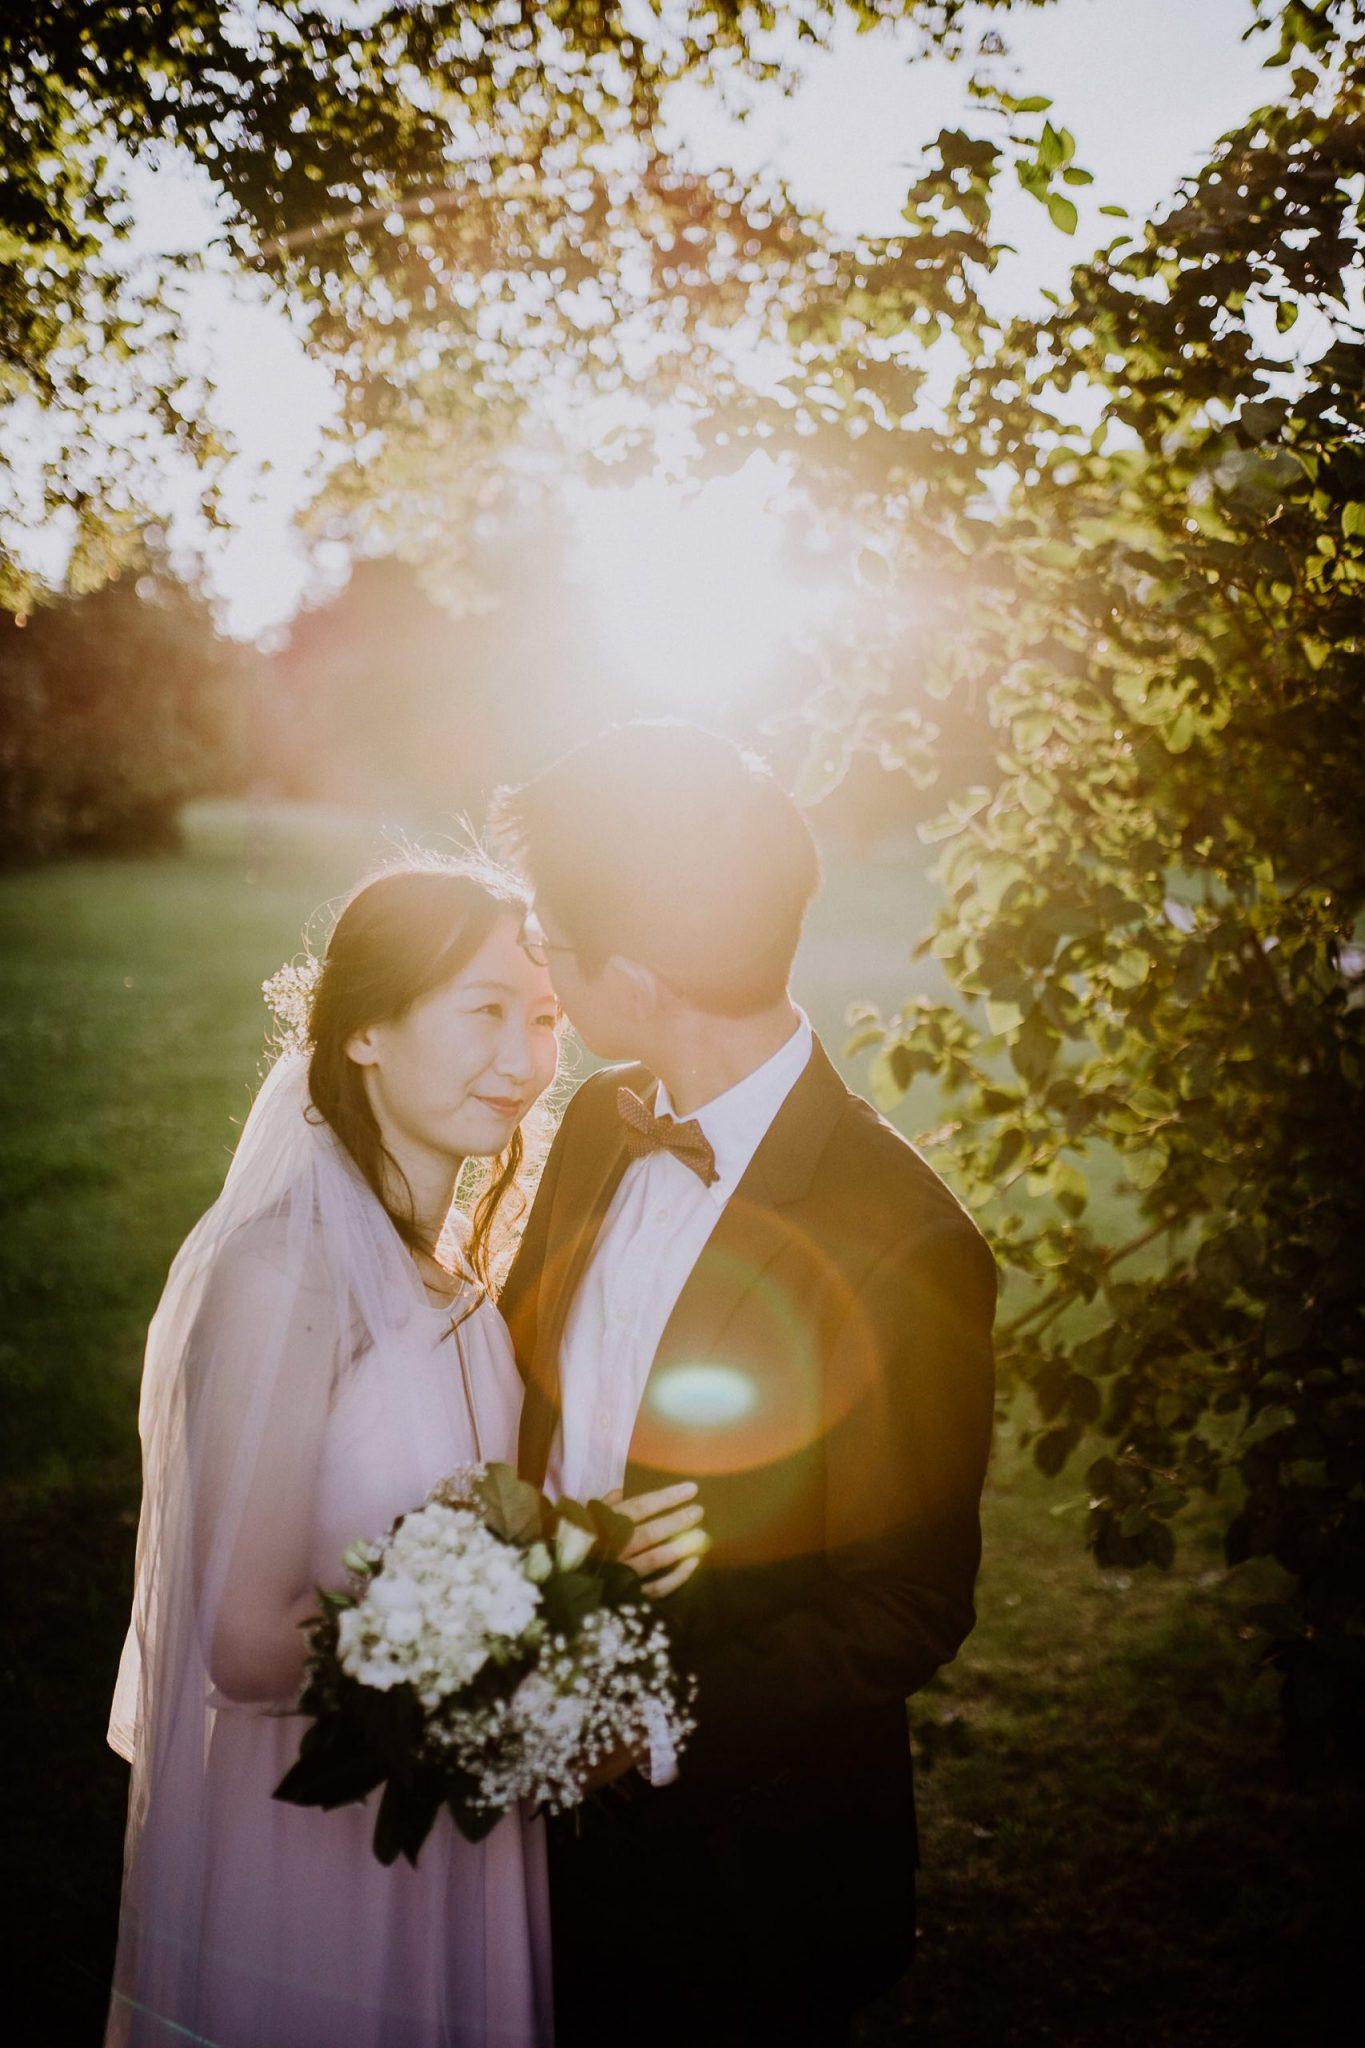 wedding photographer hamilton new zealand 1019 5 scaled